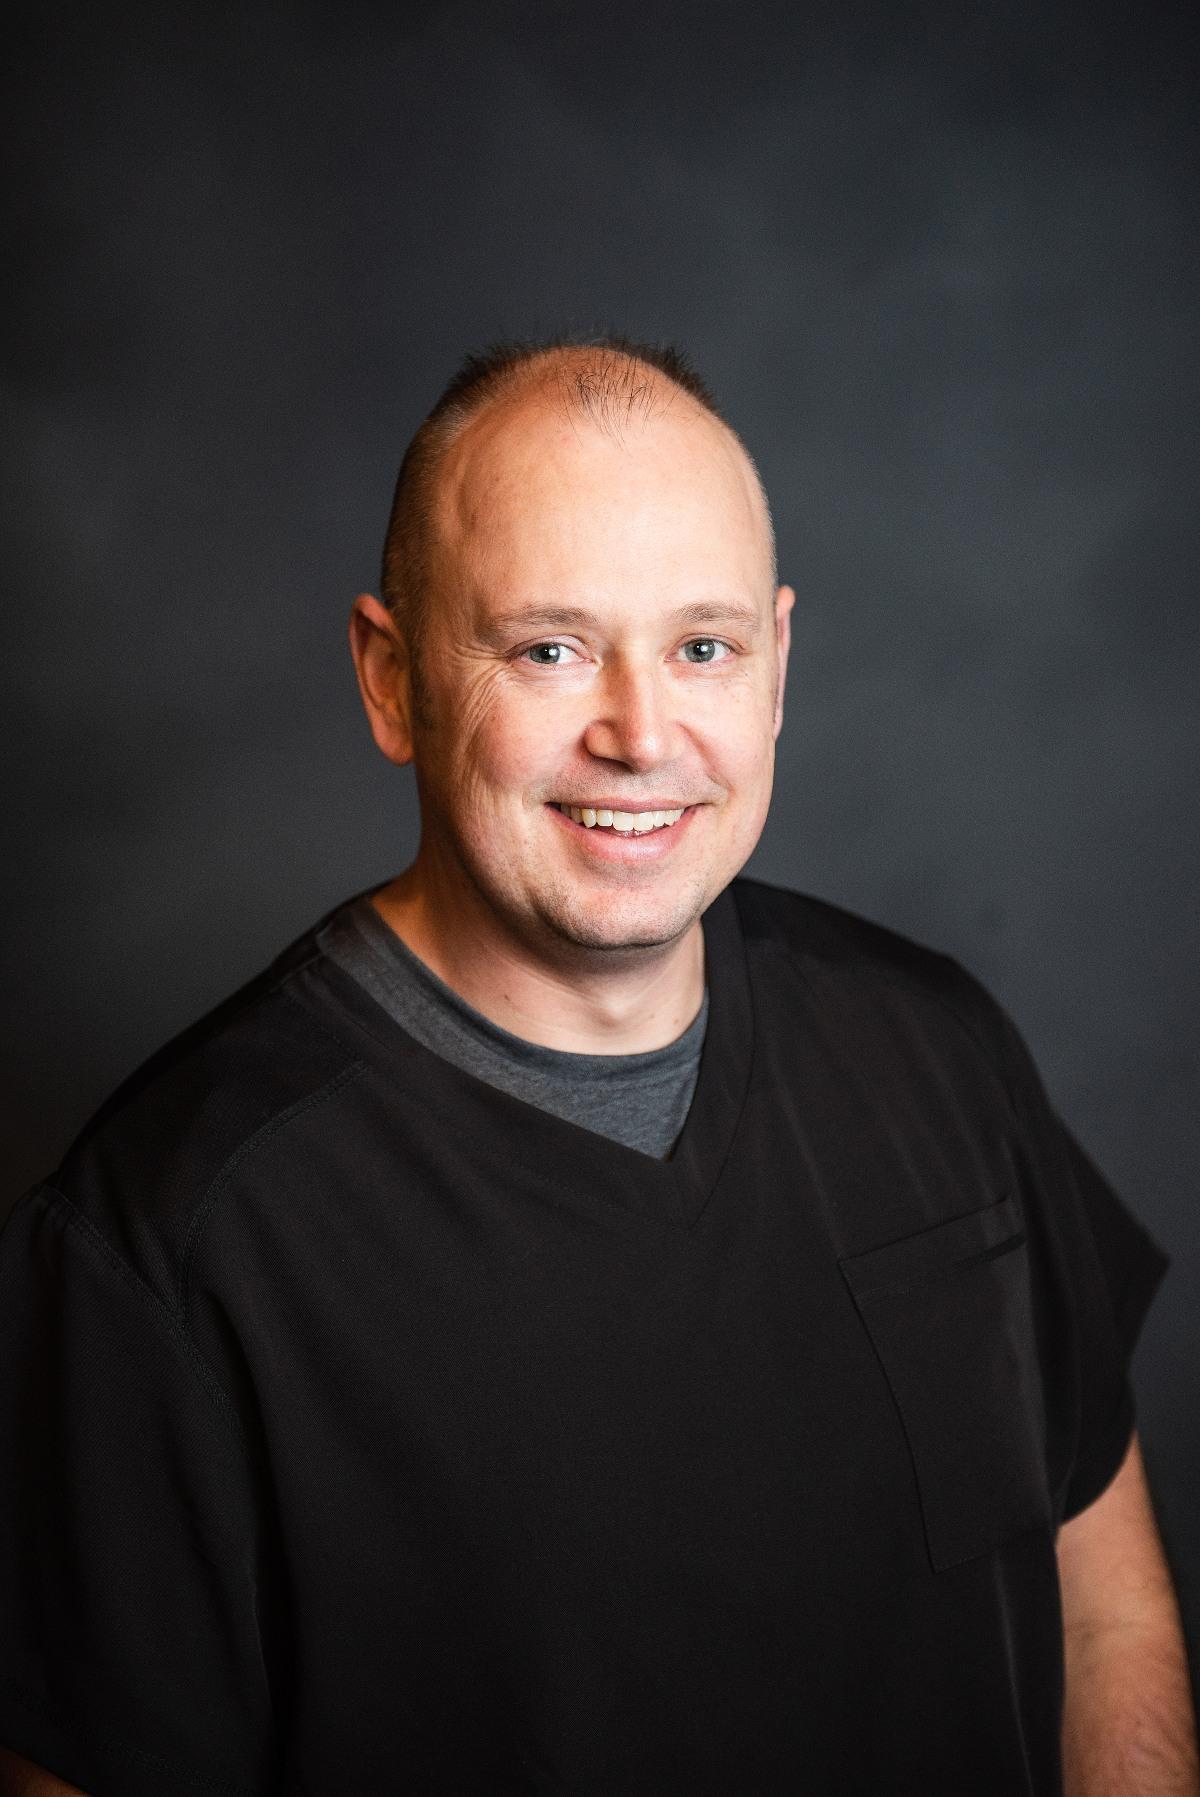 Dr. Michael Walton